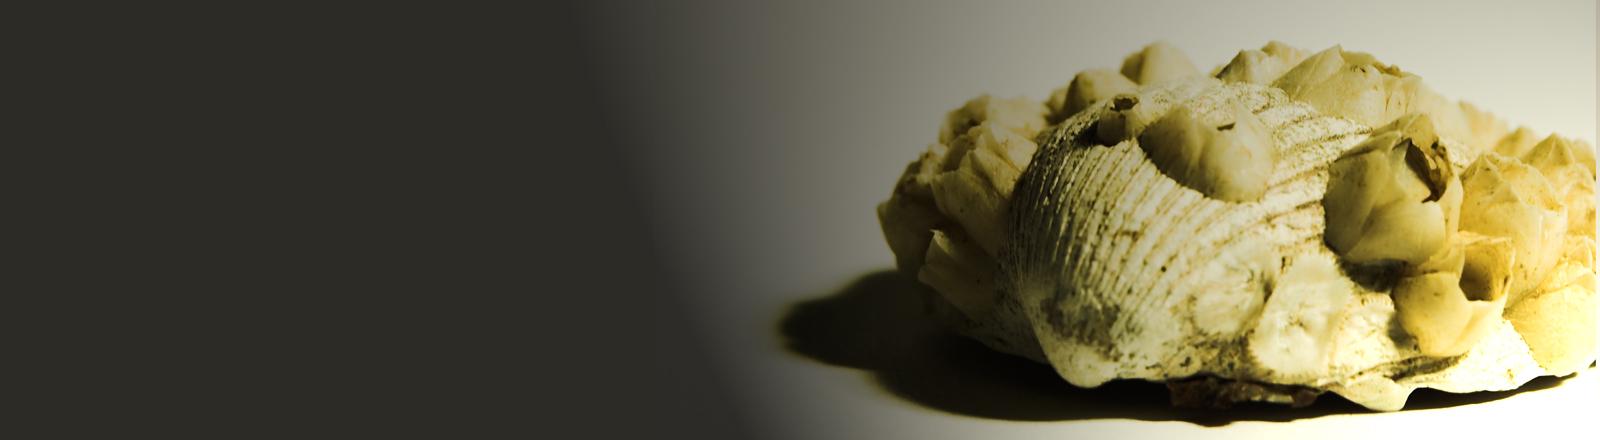 Eine helle Muschel mit Seepocken, diese ähneln kleinen Vulkankratern.